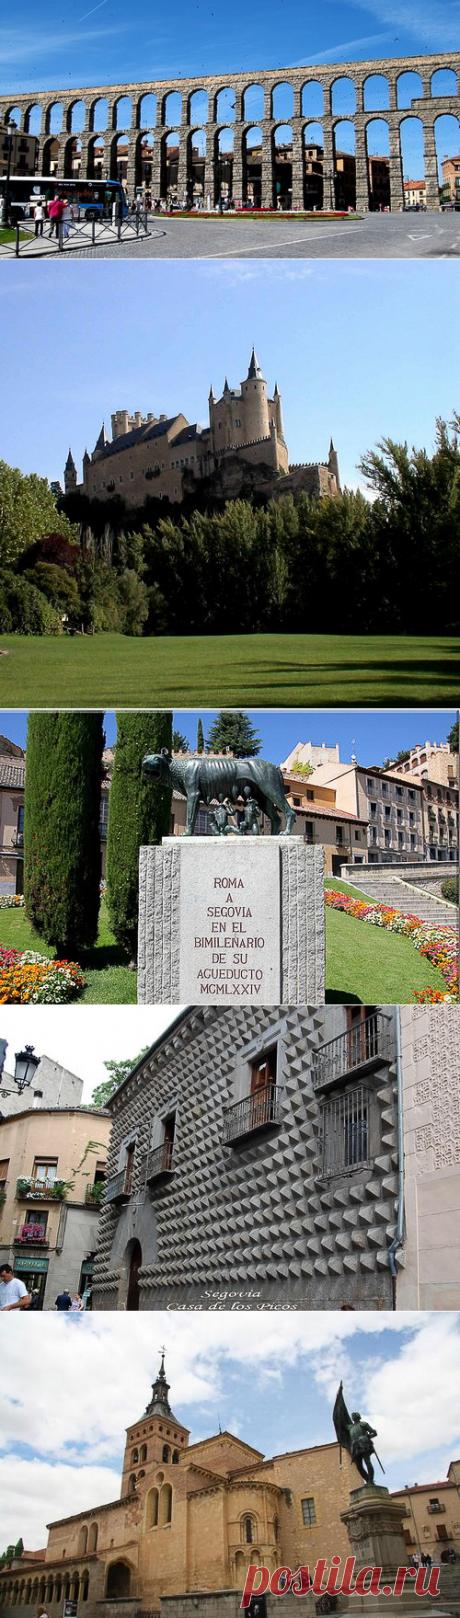 Групповая Экскурсия в город Сеговию (Сеговью), Segovia